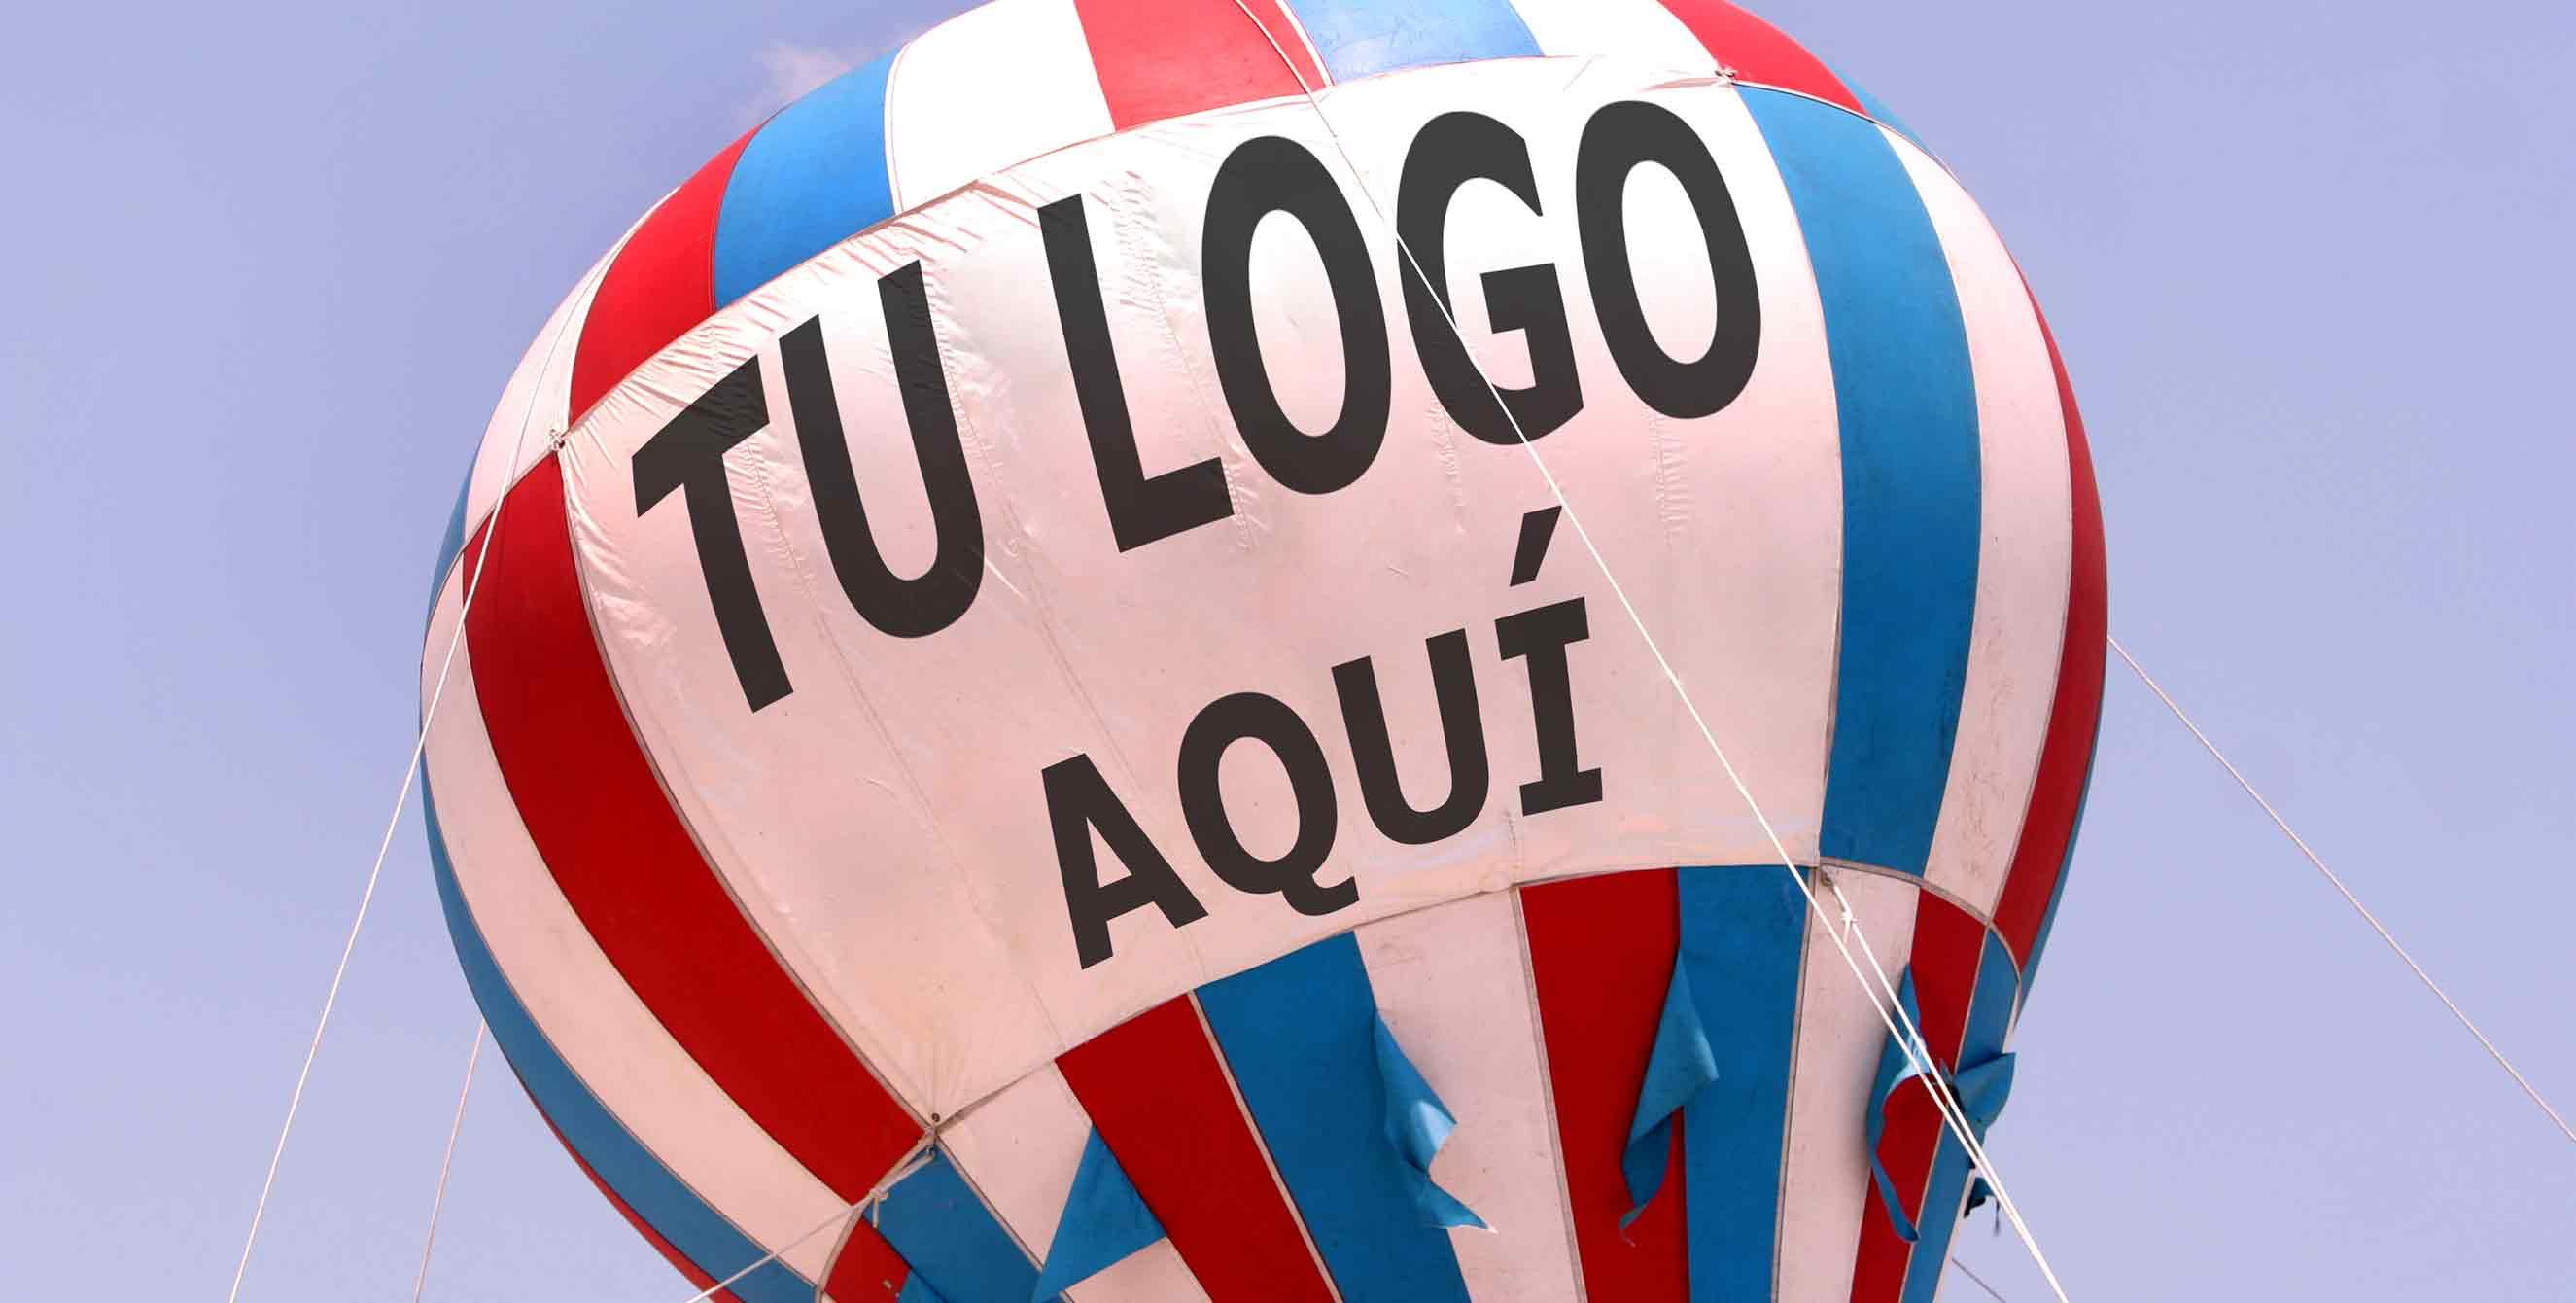 publicidad en globos regata de globos aerostaticos